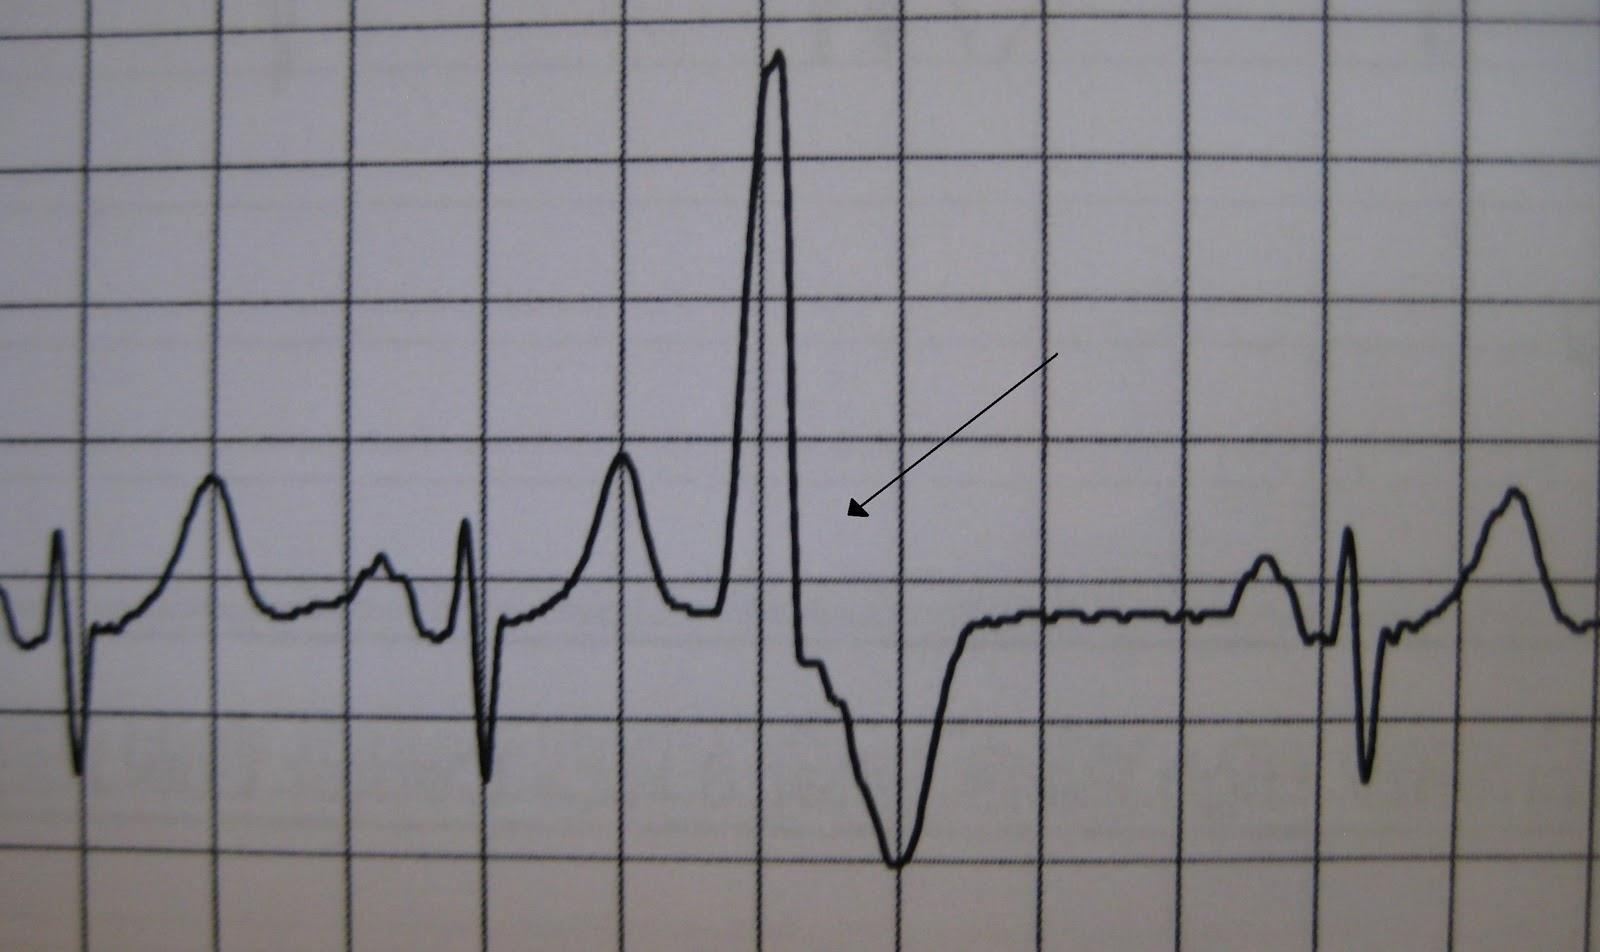 FIREFIGHTER/PARAMEDIC STORIES: Heart Rhythms, Part 5 ...